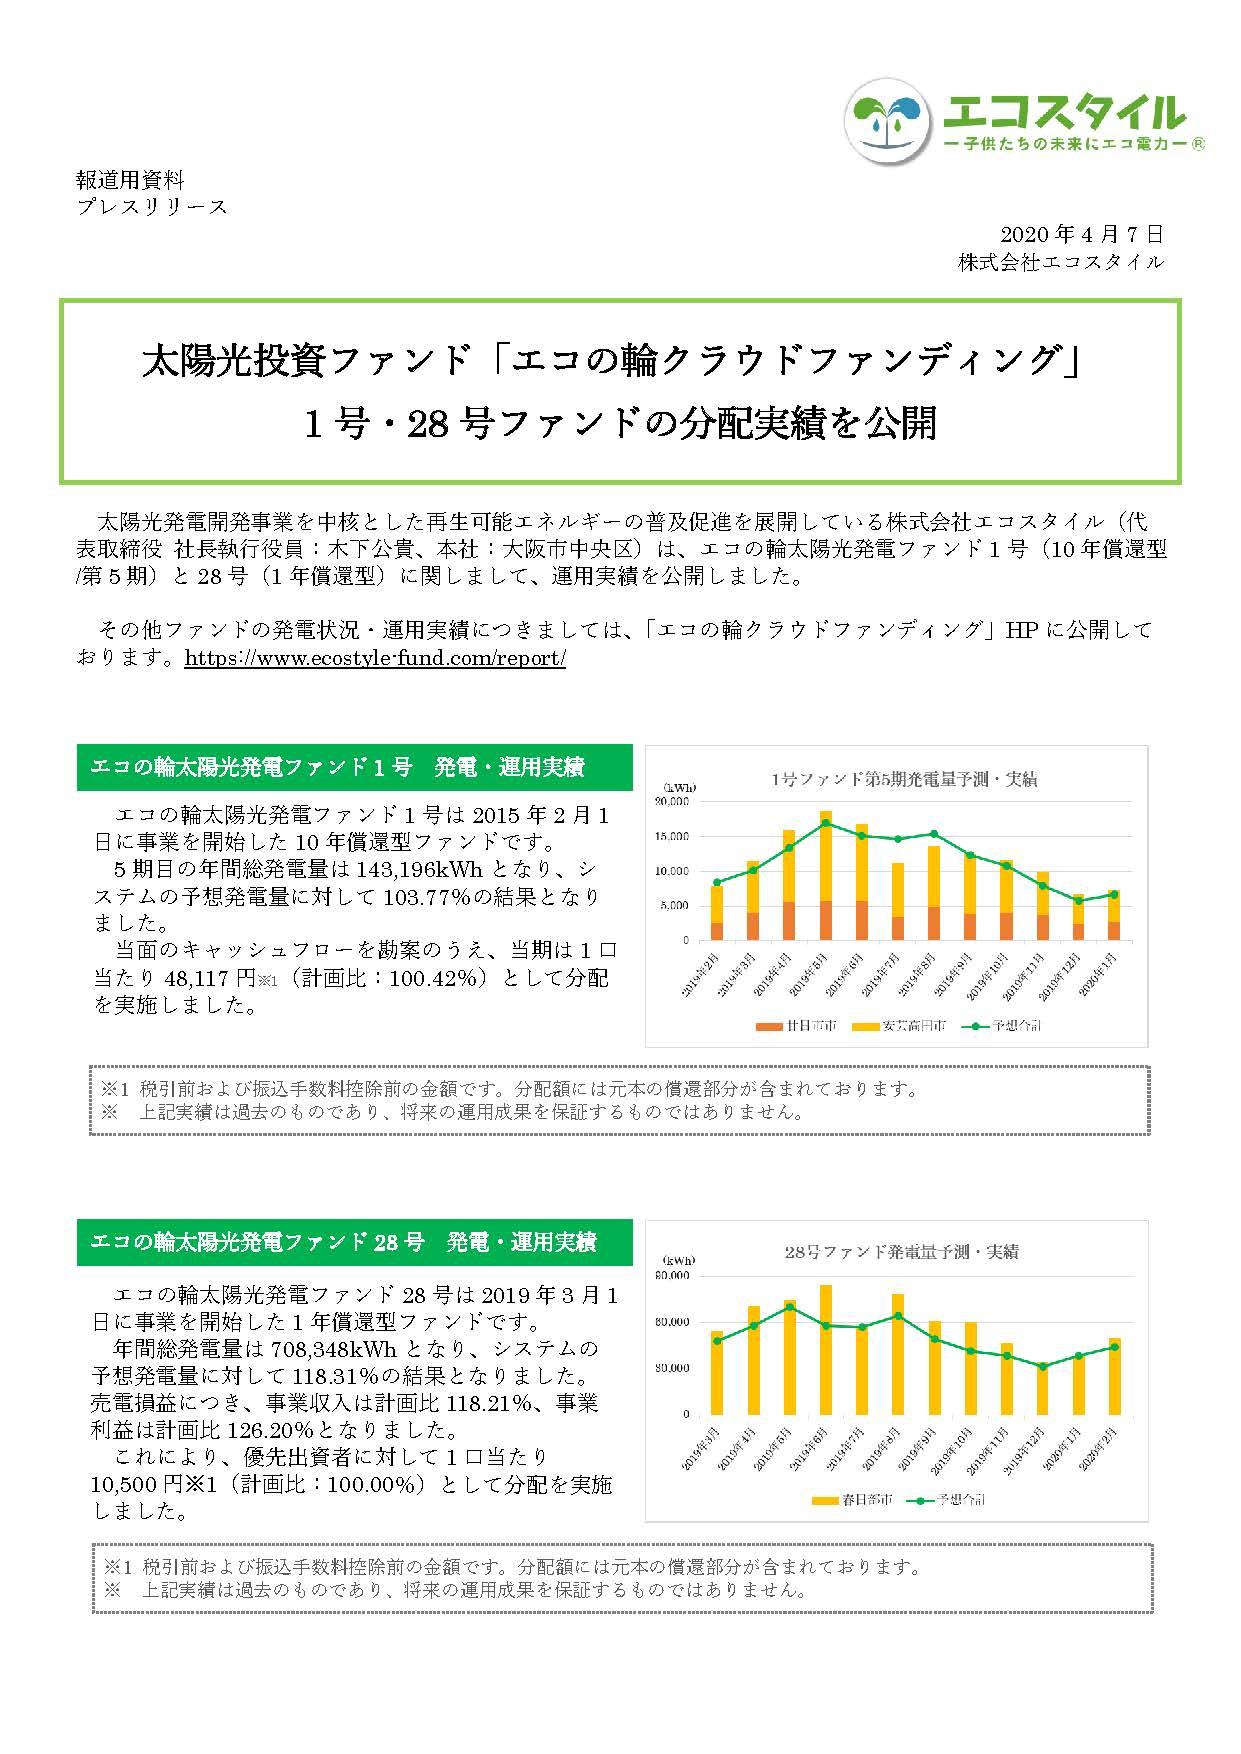 太陽光投資ファンド「エコの輪クラウドファンディング」 27号ファンドの分配実績を公開